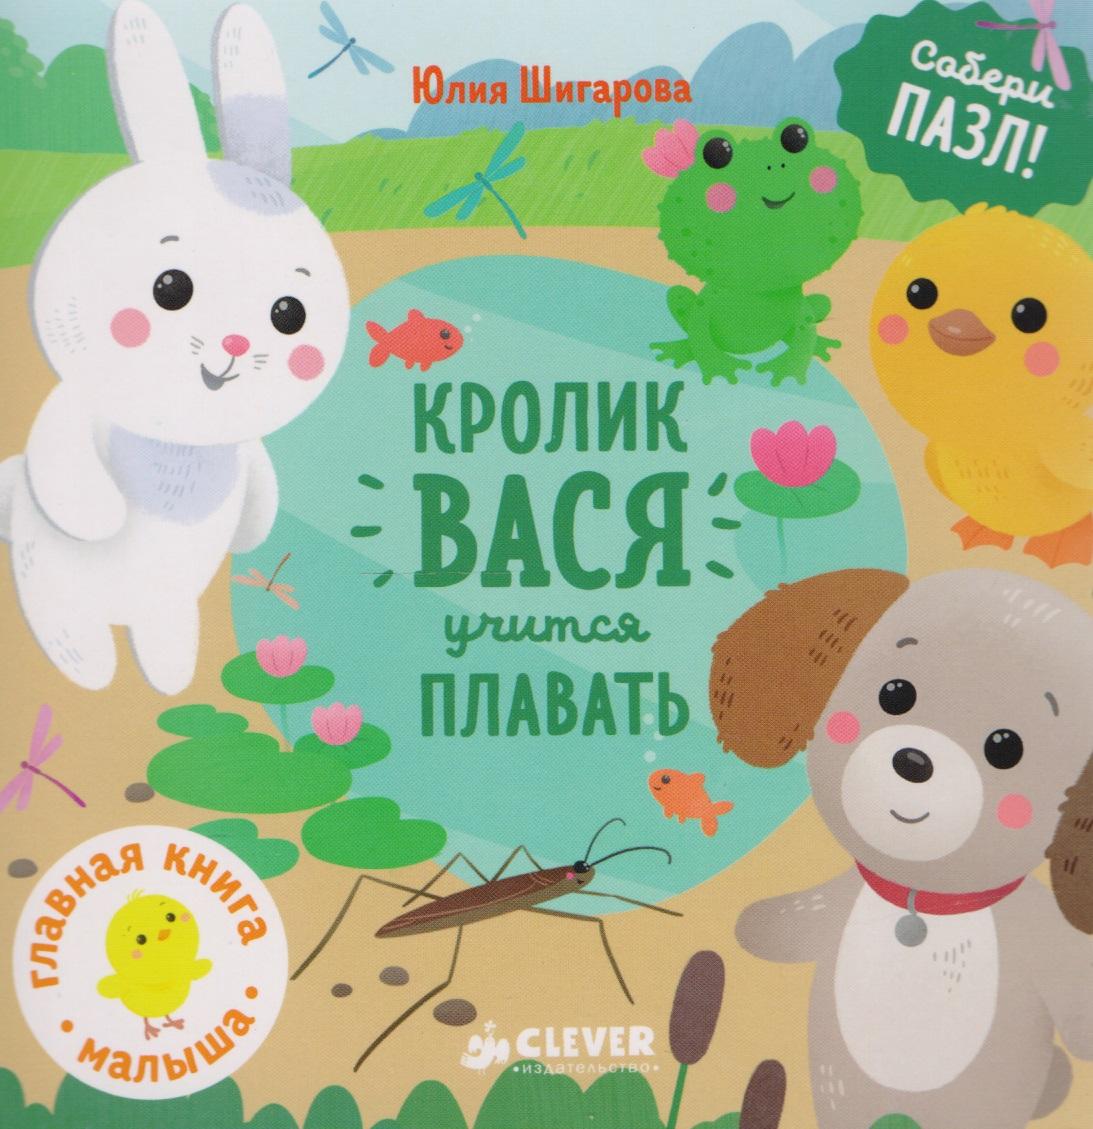 Кролик Вася учится плавать от Читай-город